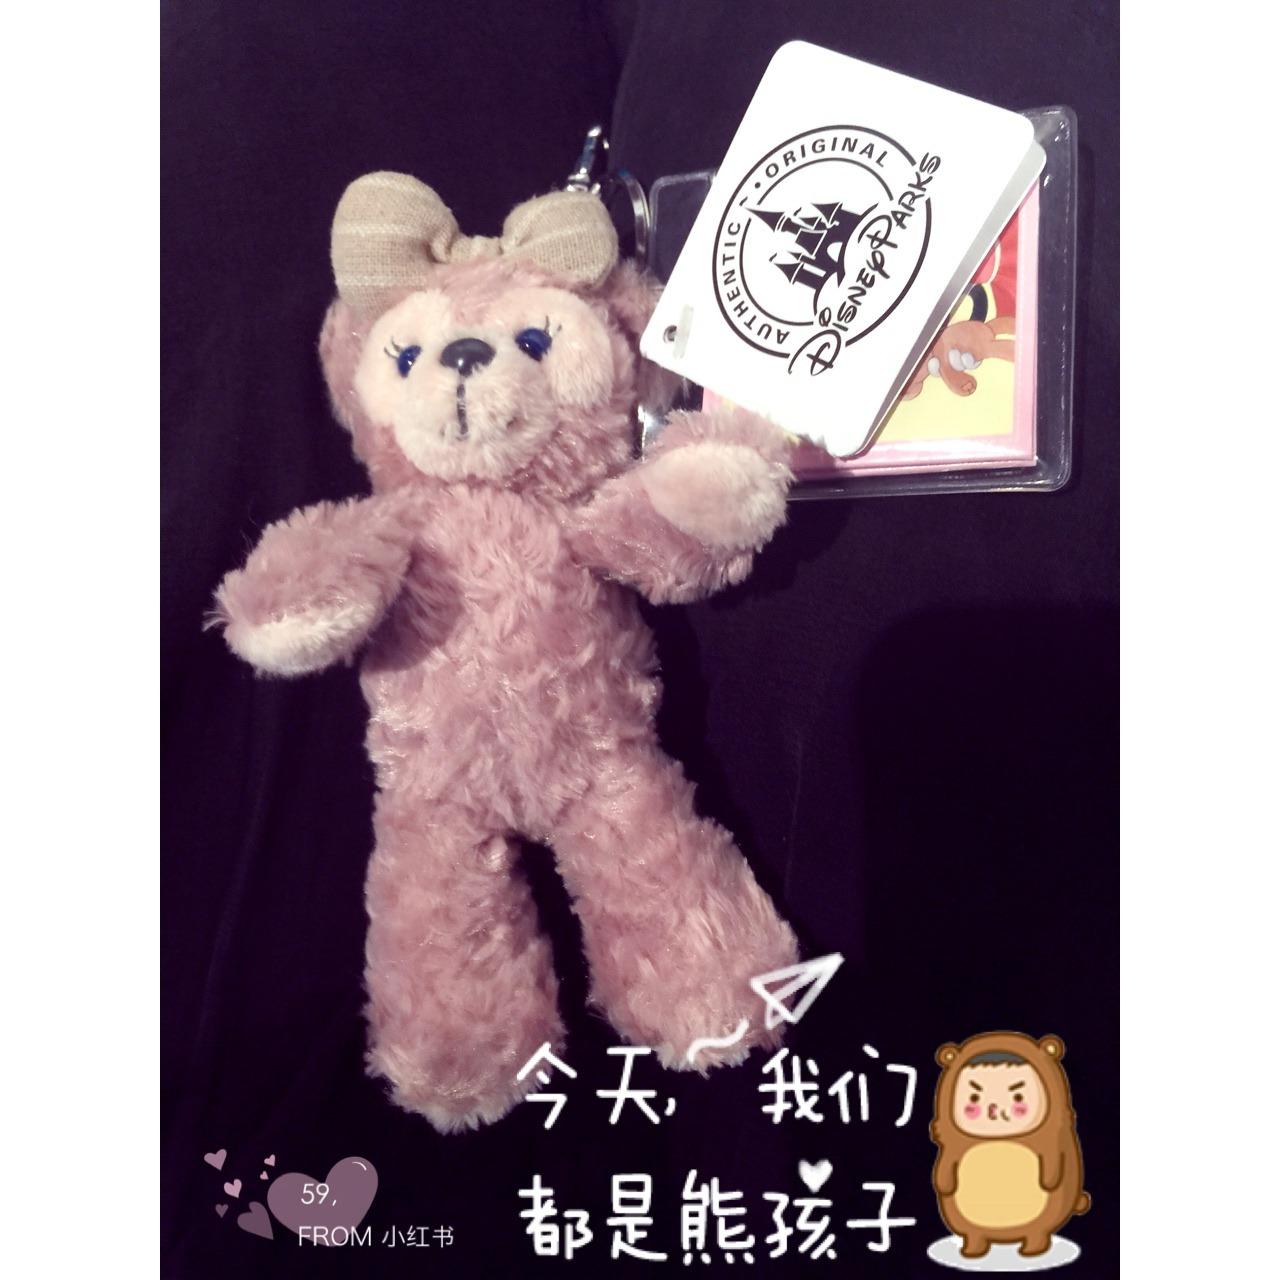 迪士尼达菲熊挂件图片